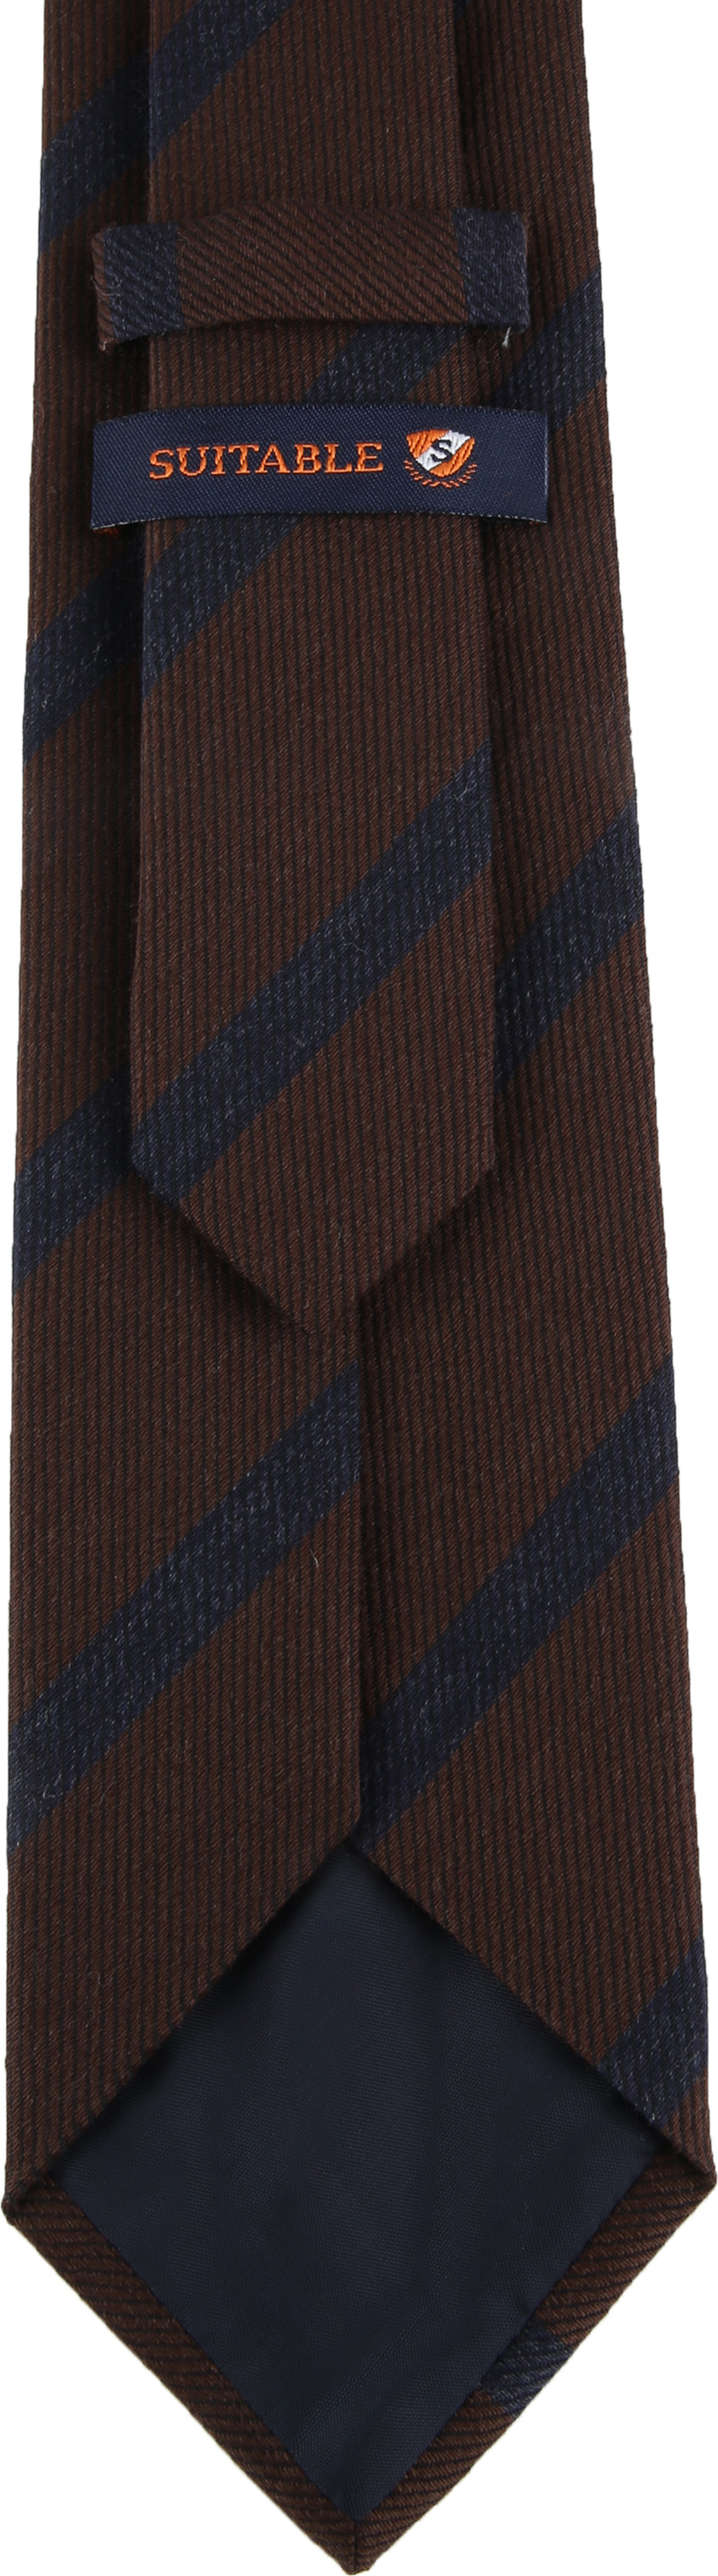 Suitable Krawatte Streifen Braun Foto 2